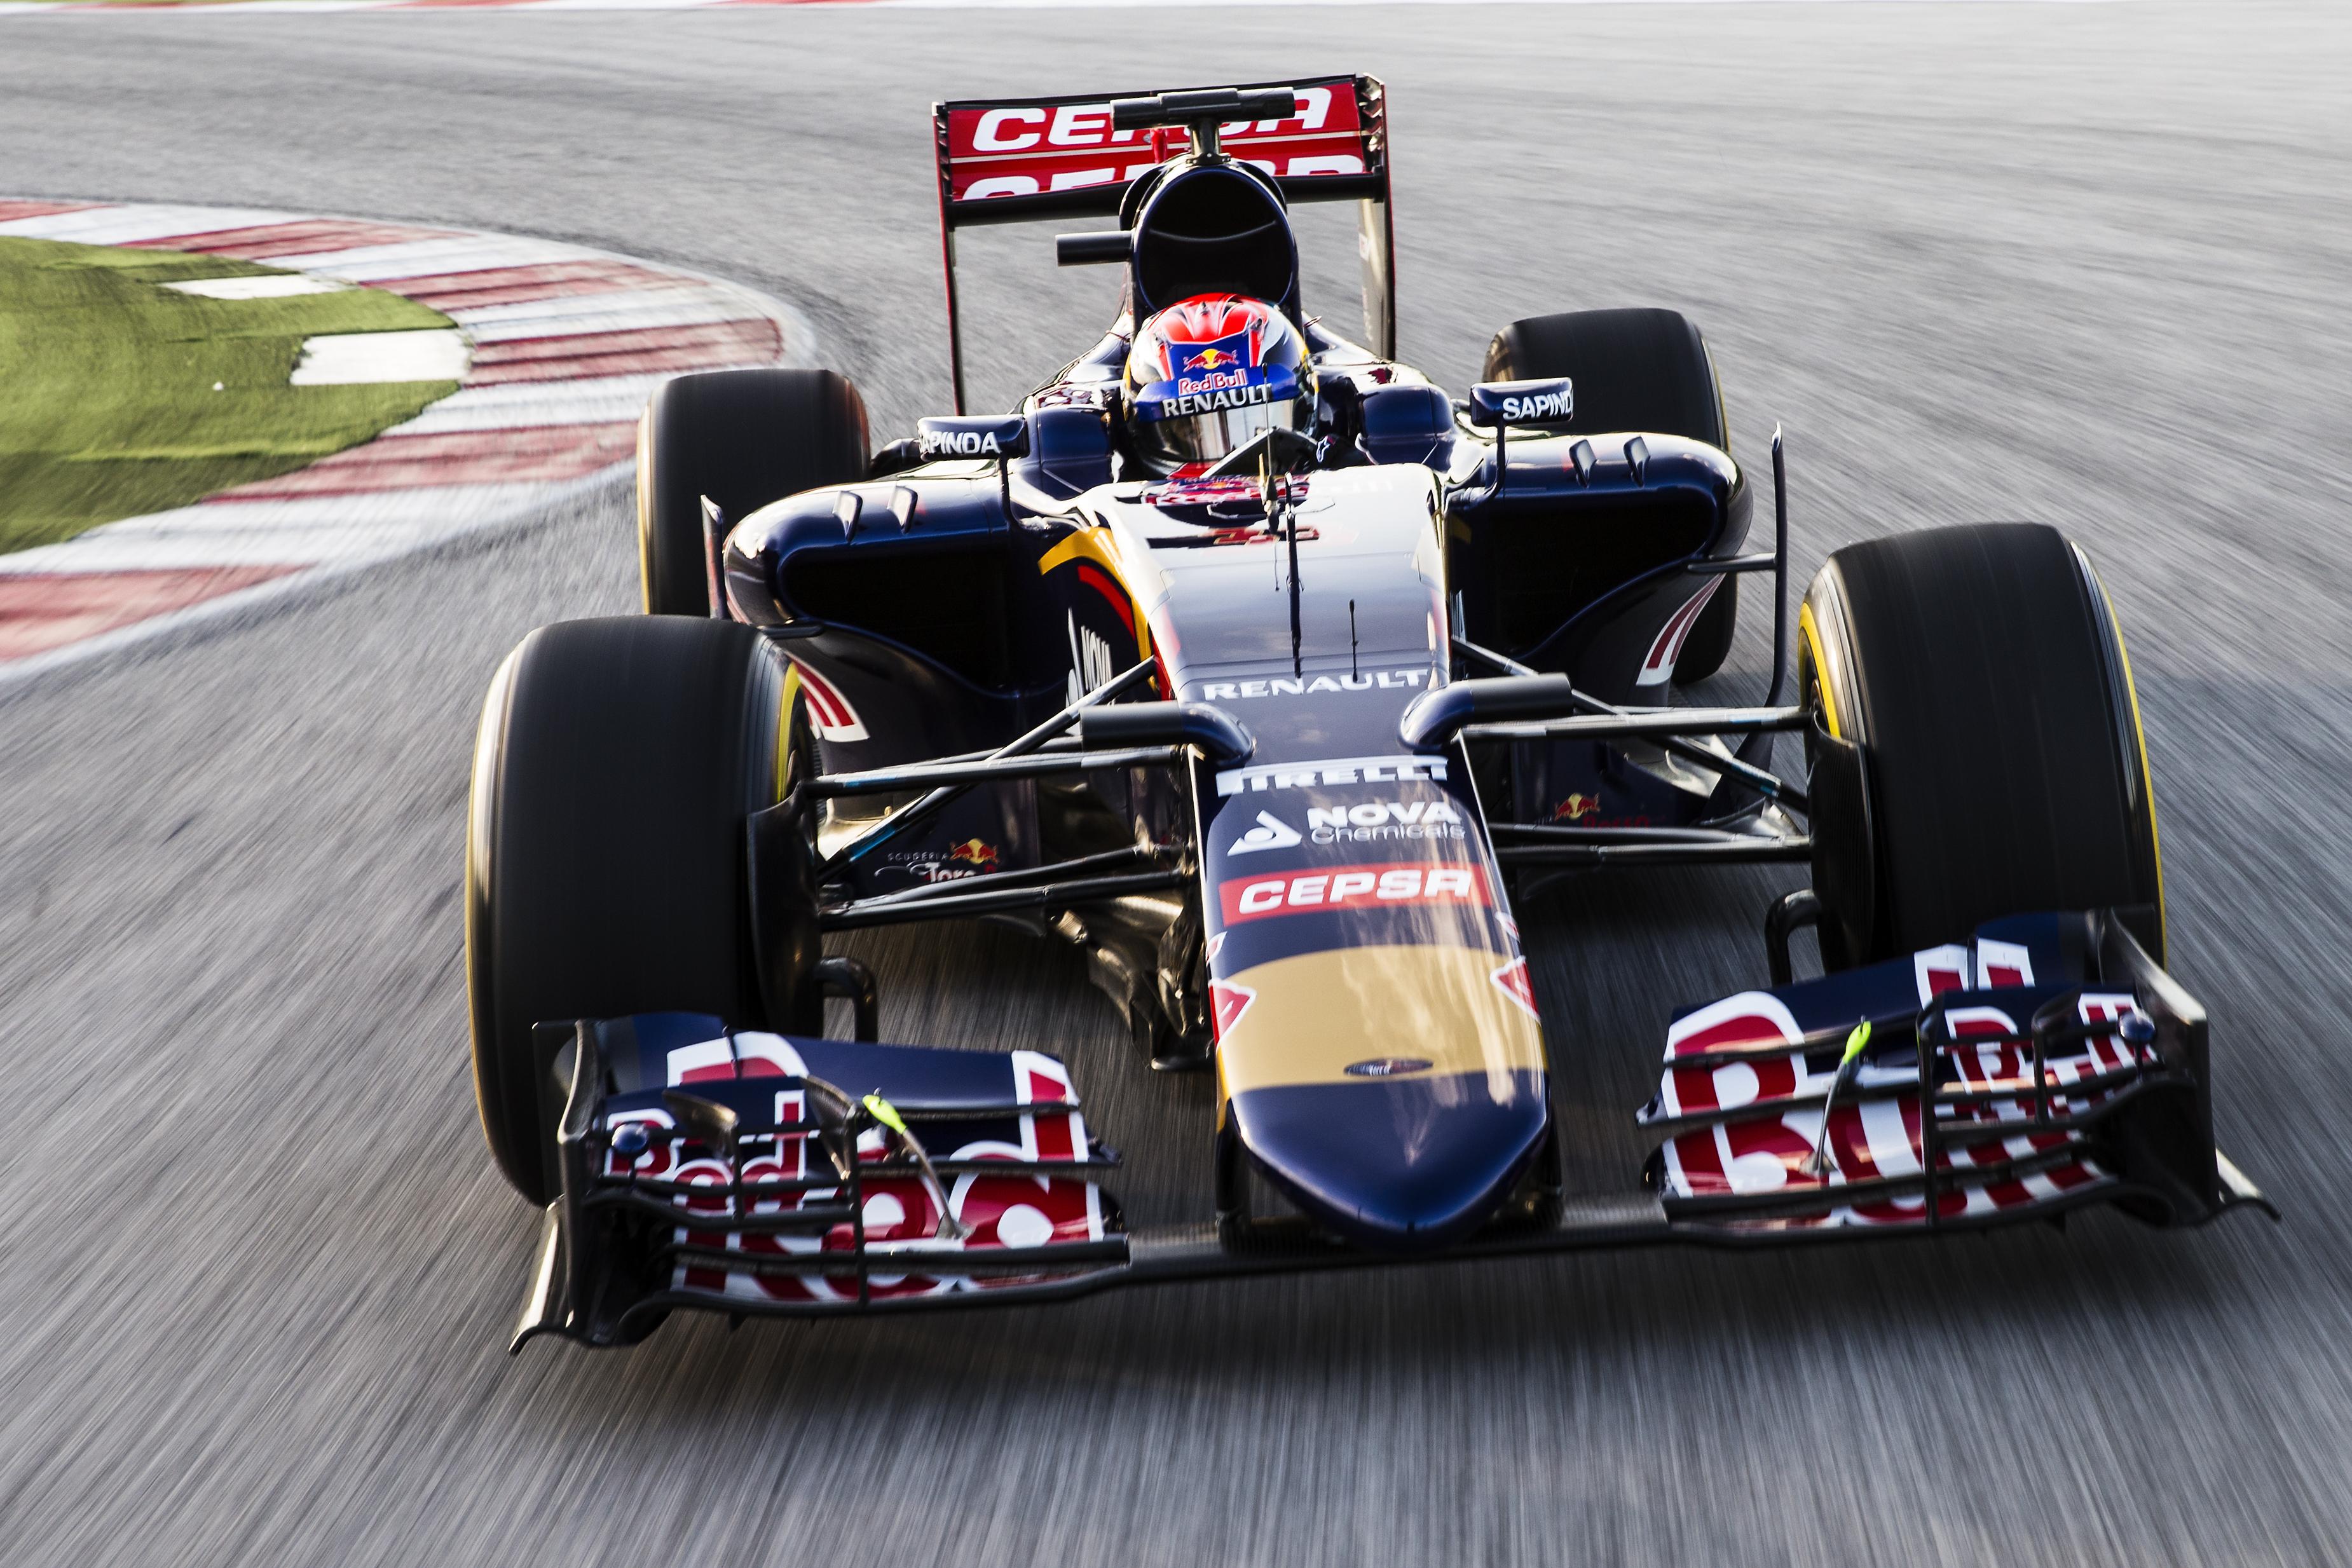 Toro Rosso Hd Wallpaper Sfondi 3700x2467 Id778855 Wallpaper